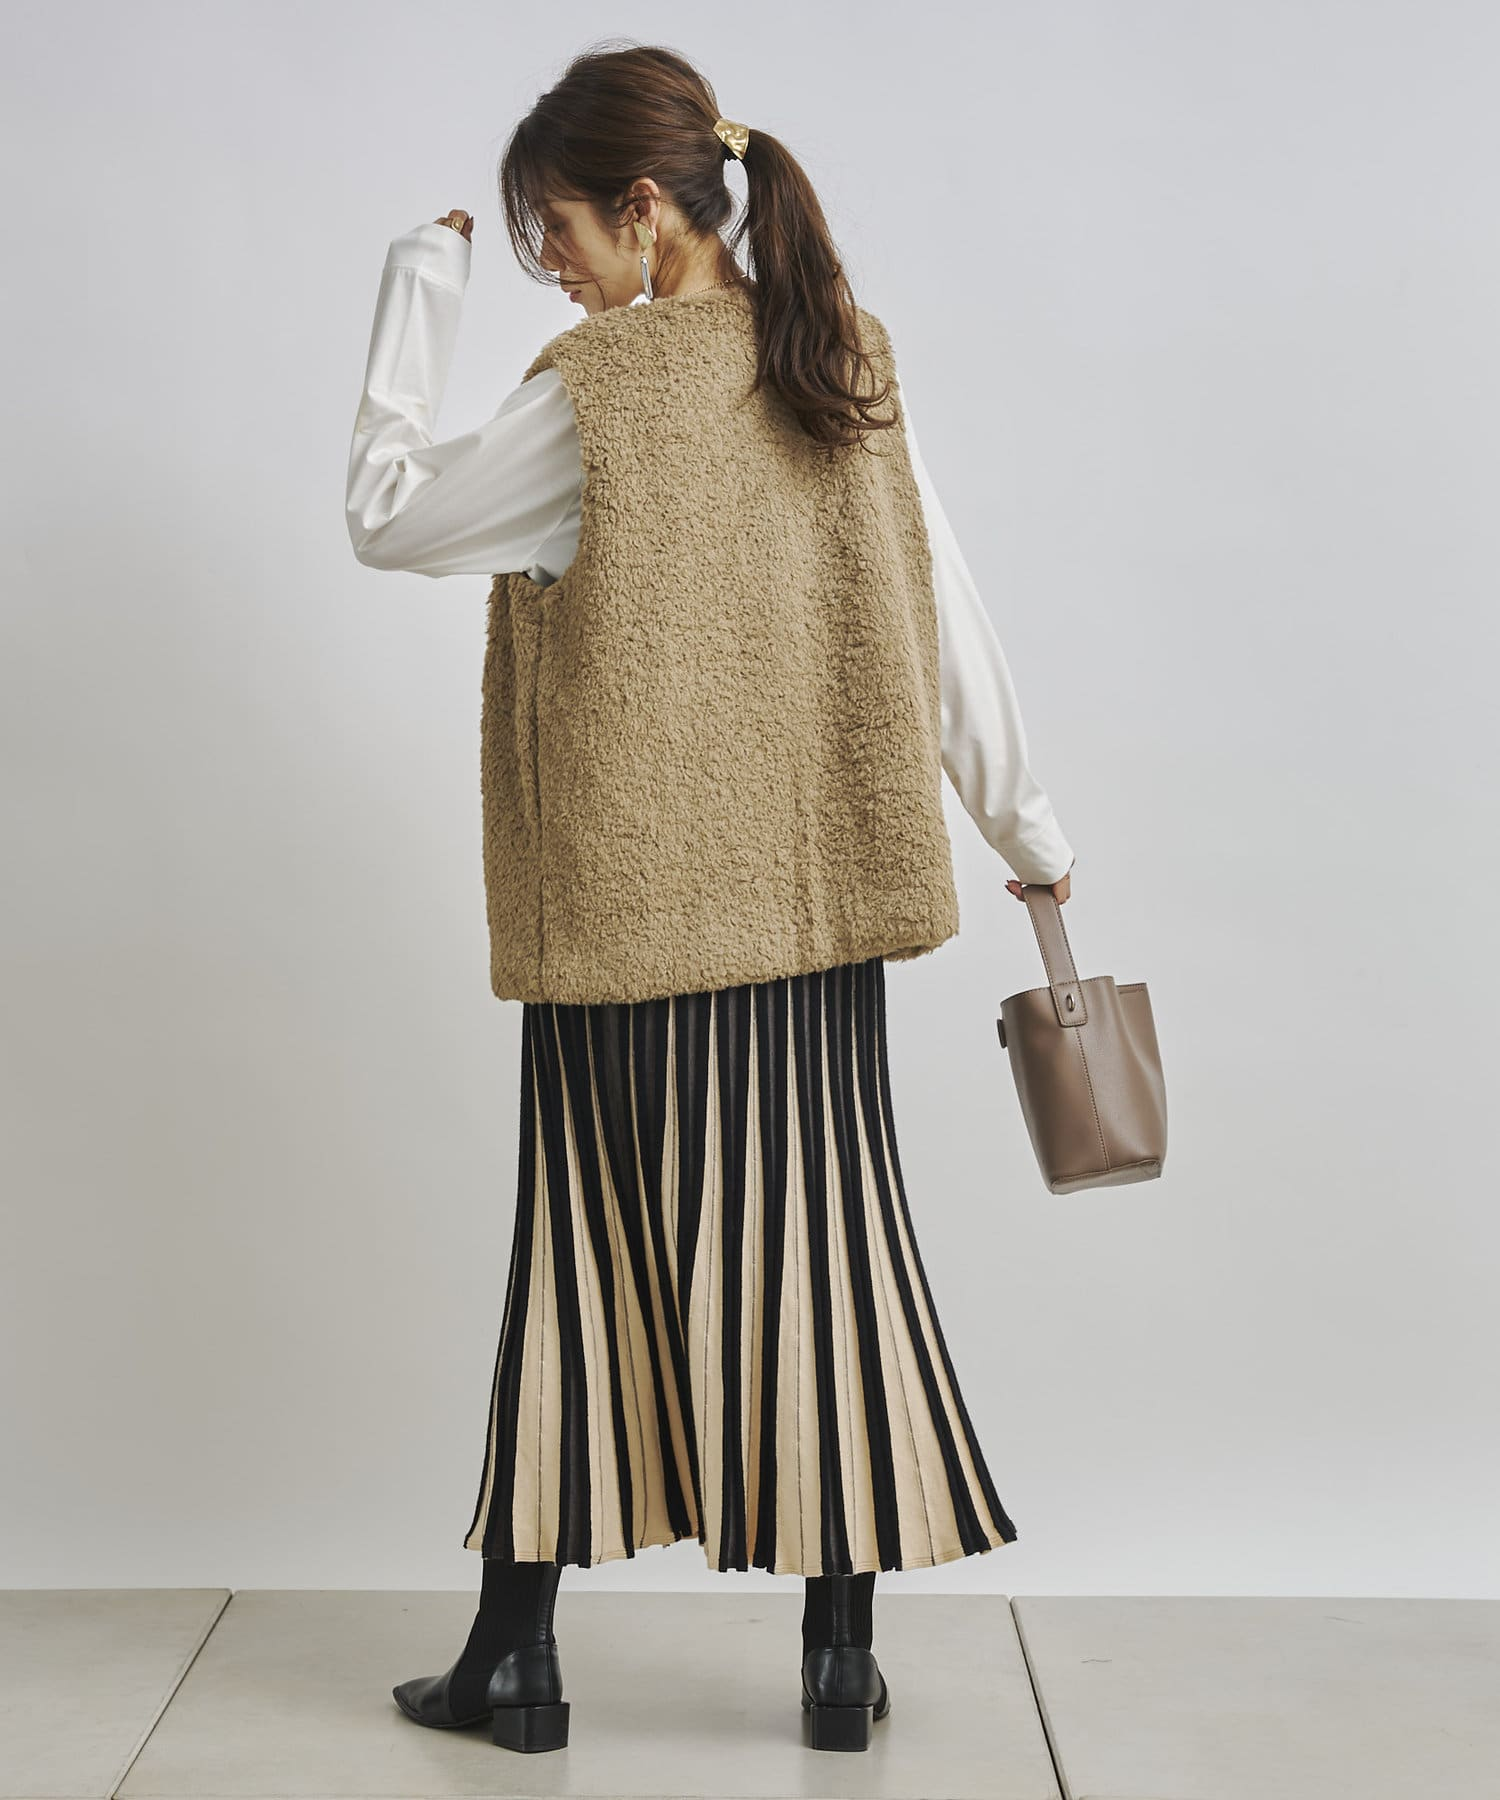 Chez toi(シェトワ) 【着用動画あり】カラフルストライプマーメイドニットスカート